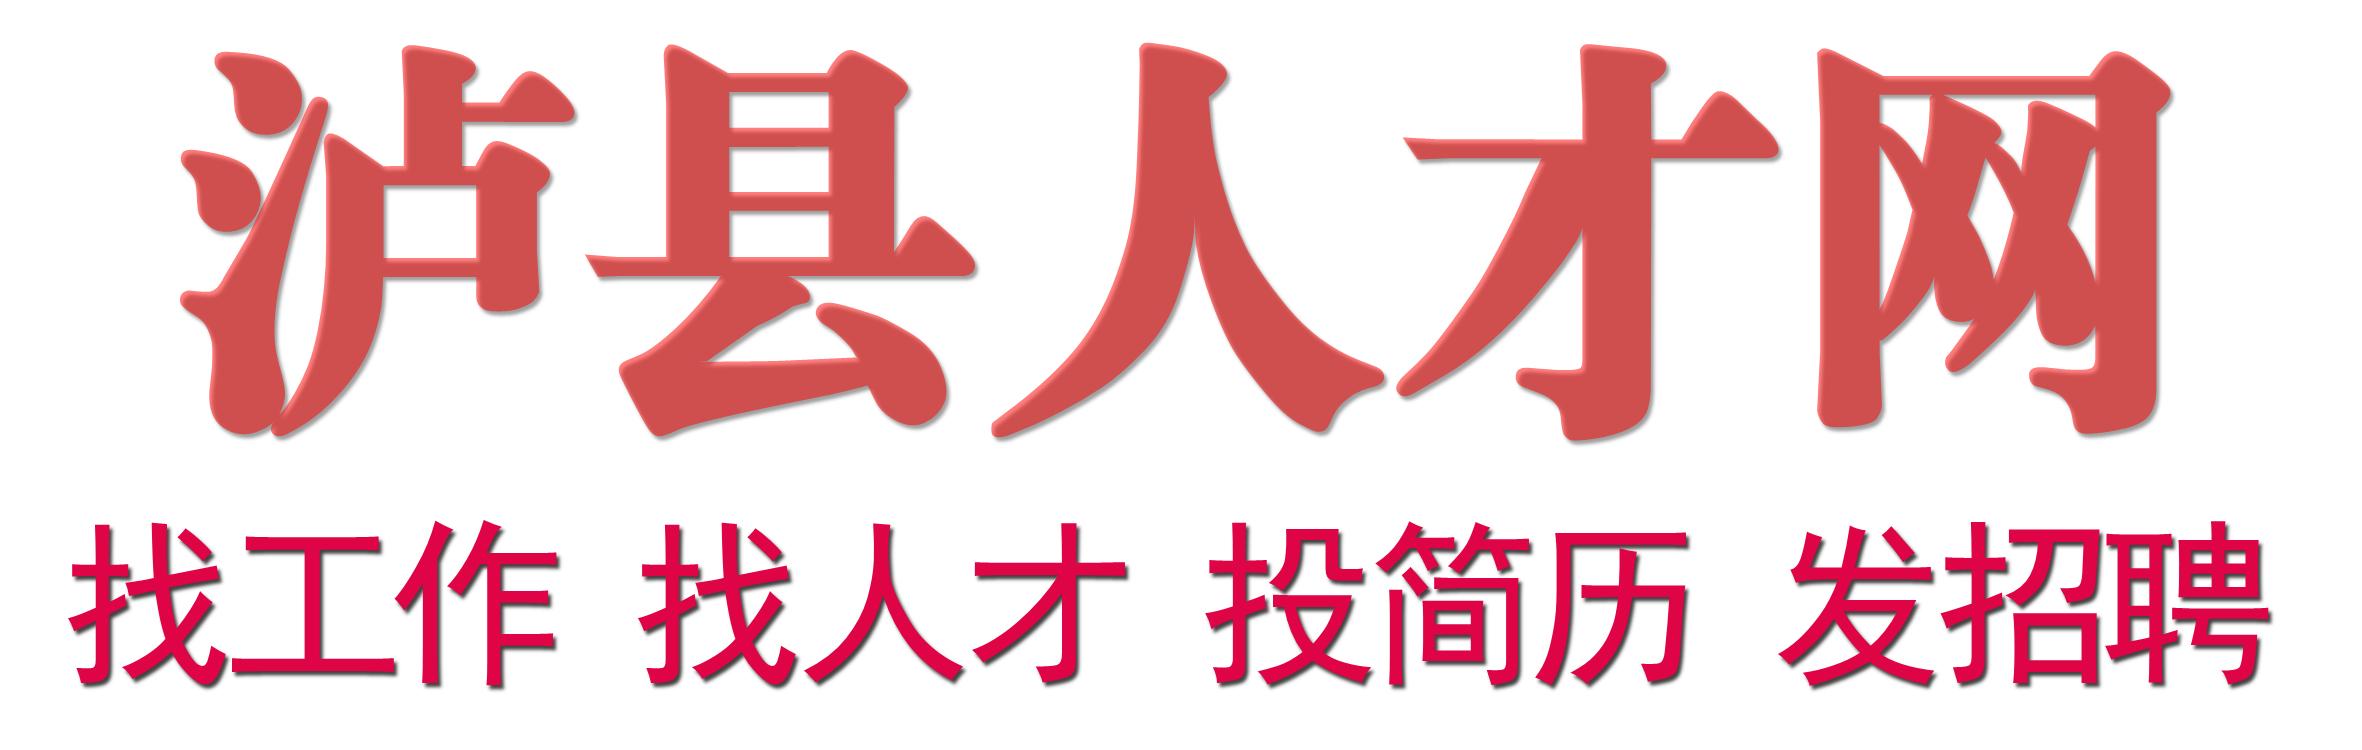 北京众鸣在线科技有限公司龙马潭分公司